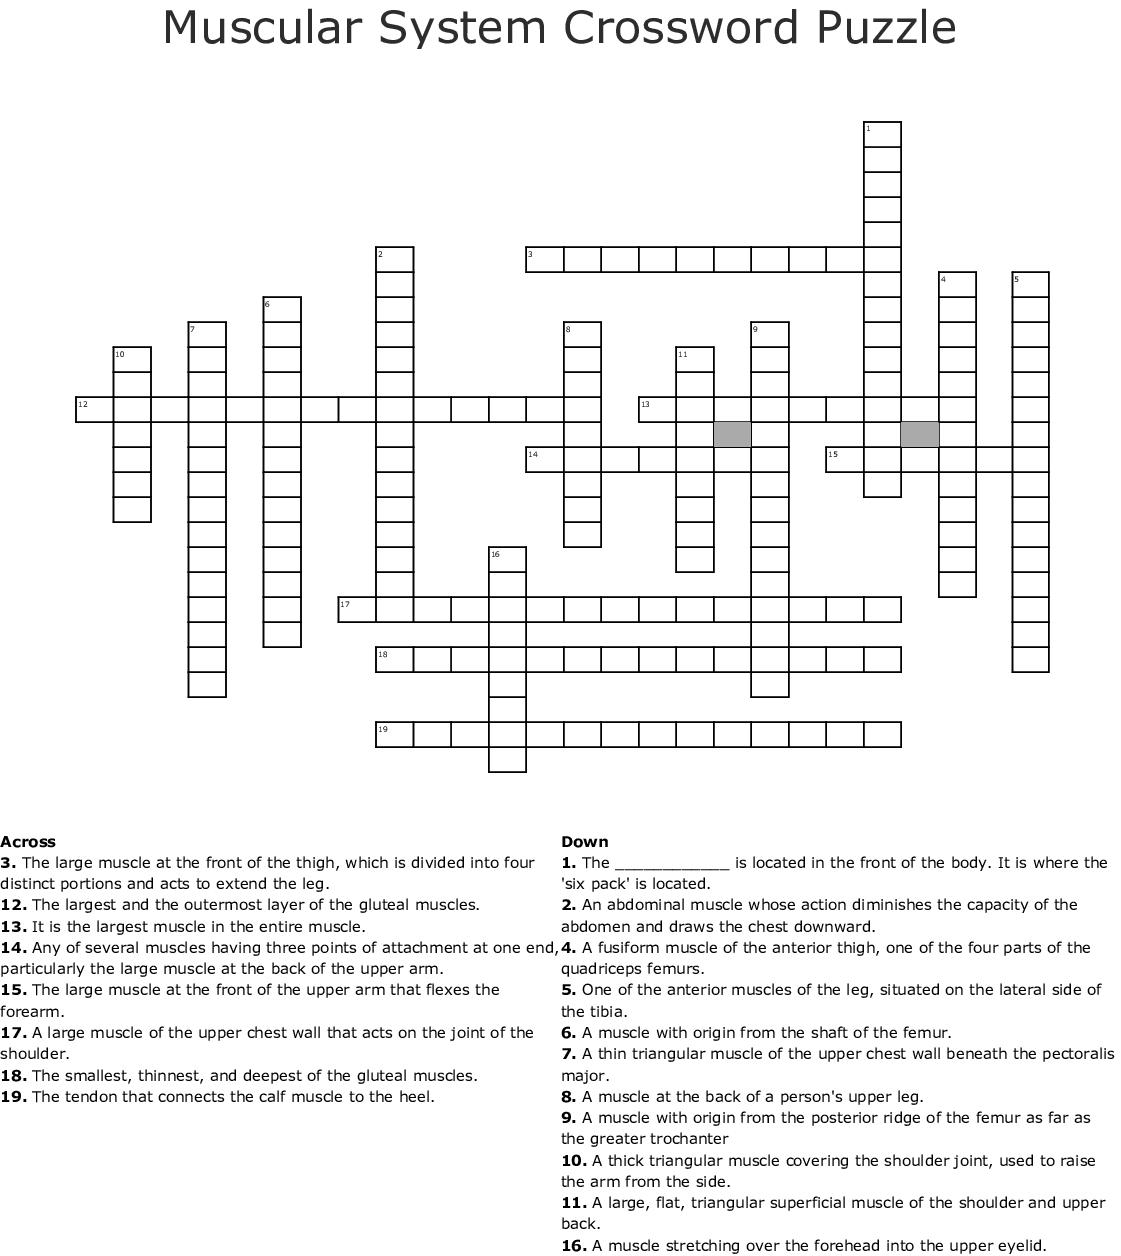 Muscle Crossword